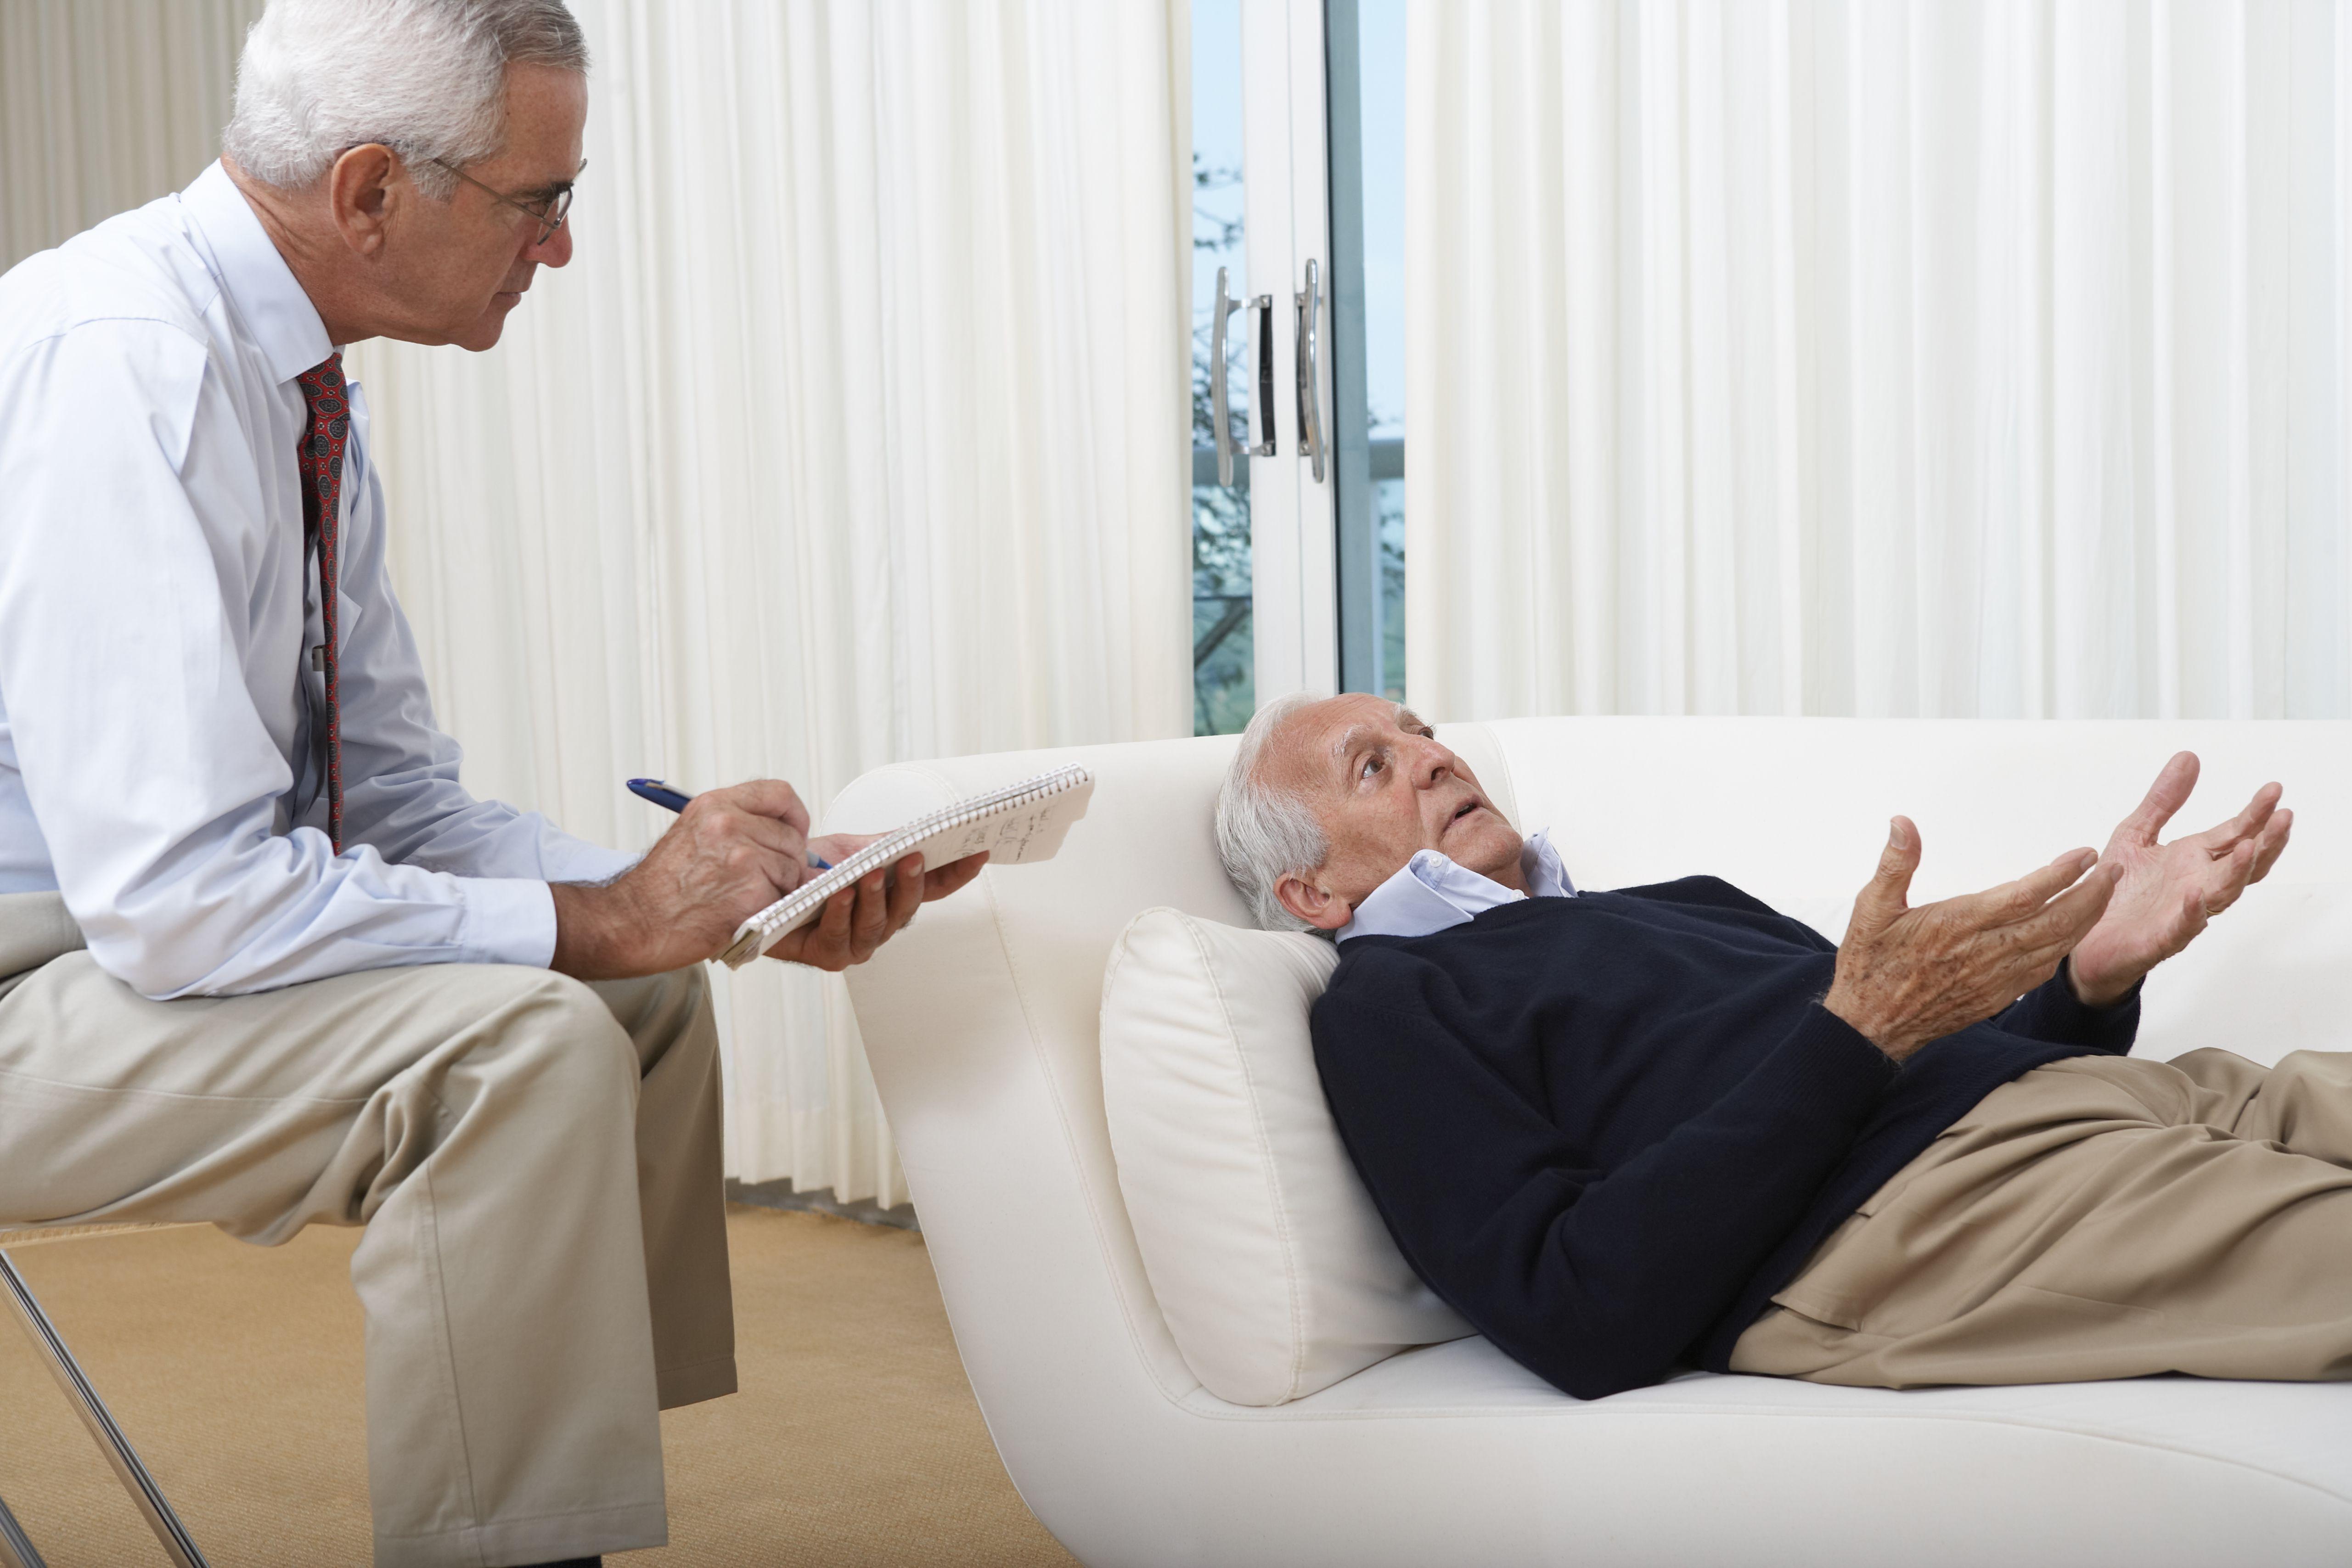 Лечение депрессии в москве - цены на лечение депрессий в клинике - психотерапевтический центр дар